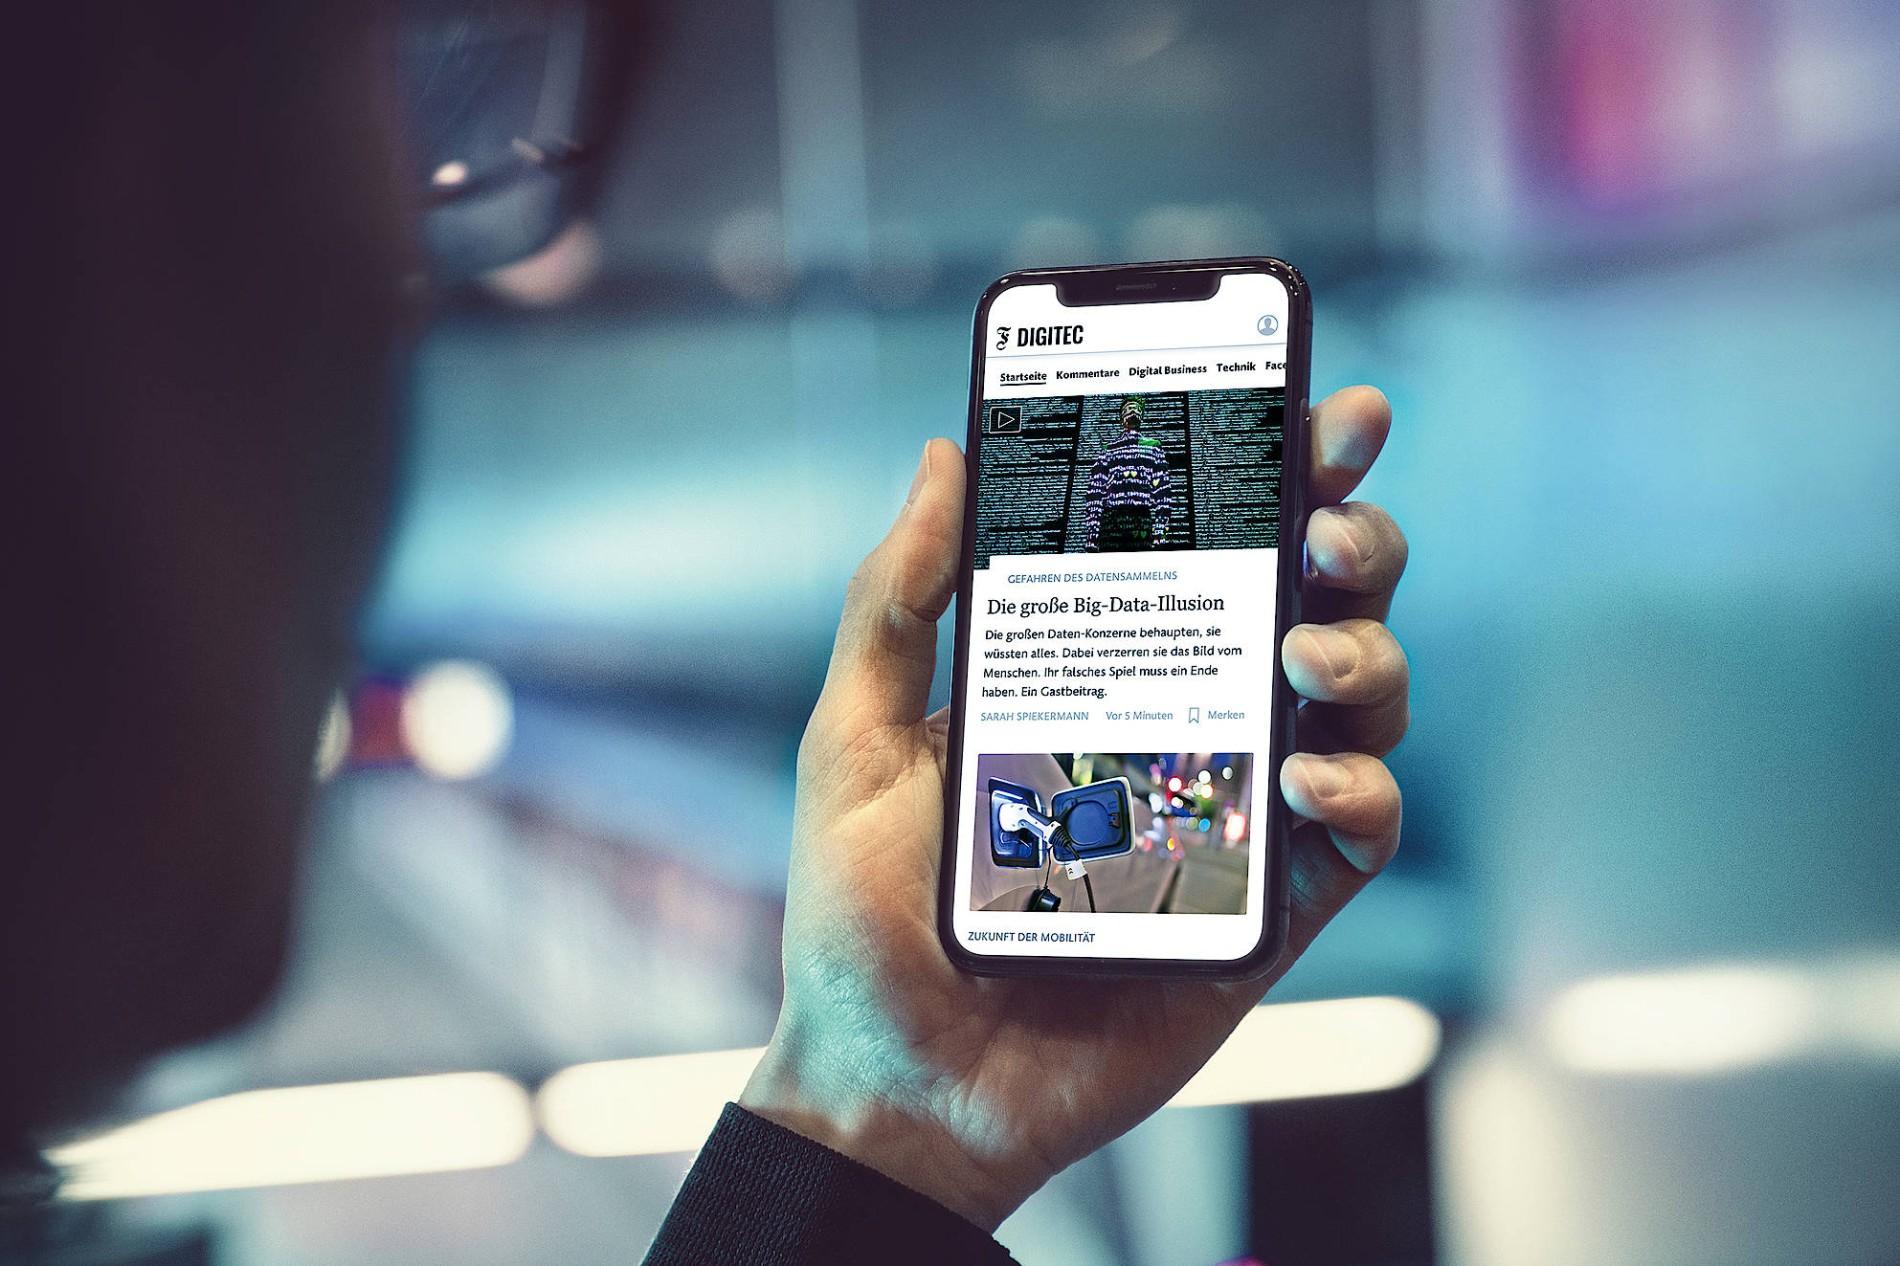 F.A.Z. Digitec App: Digitale Nachrichten direkt auf dem Smartphone